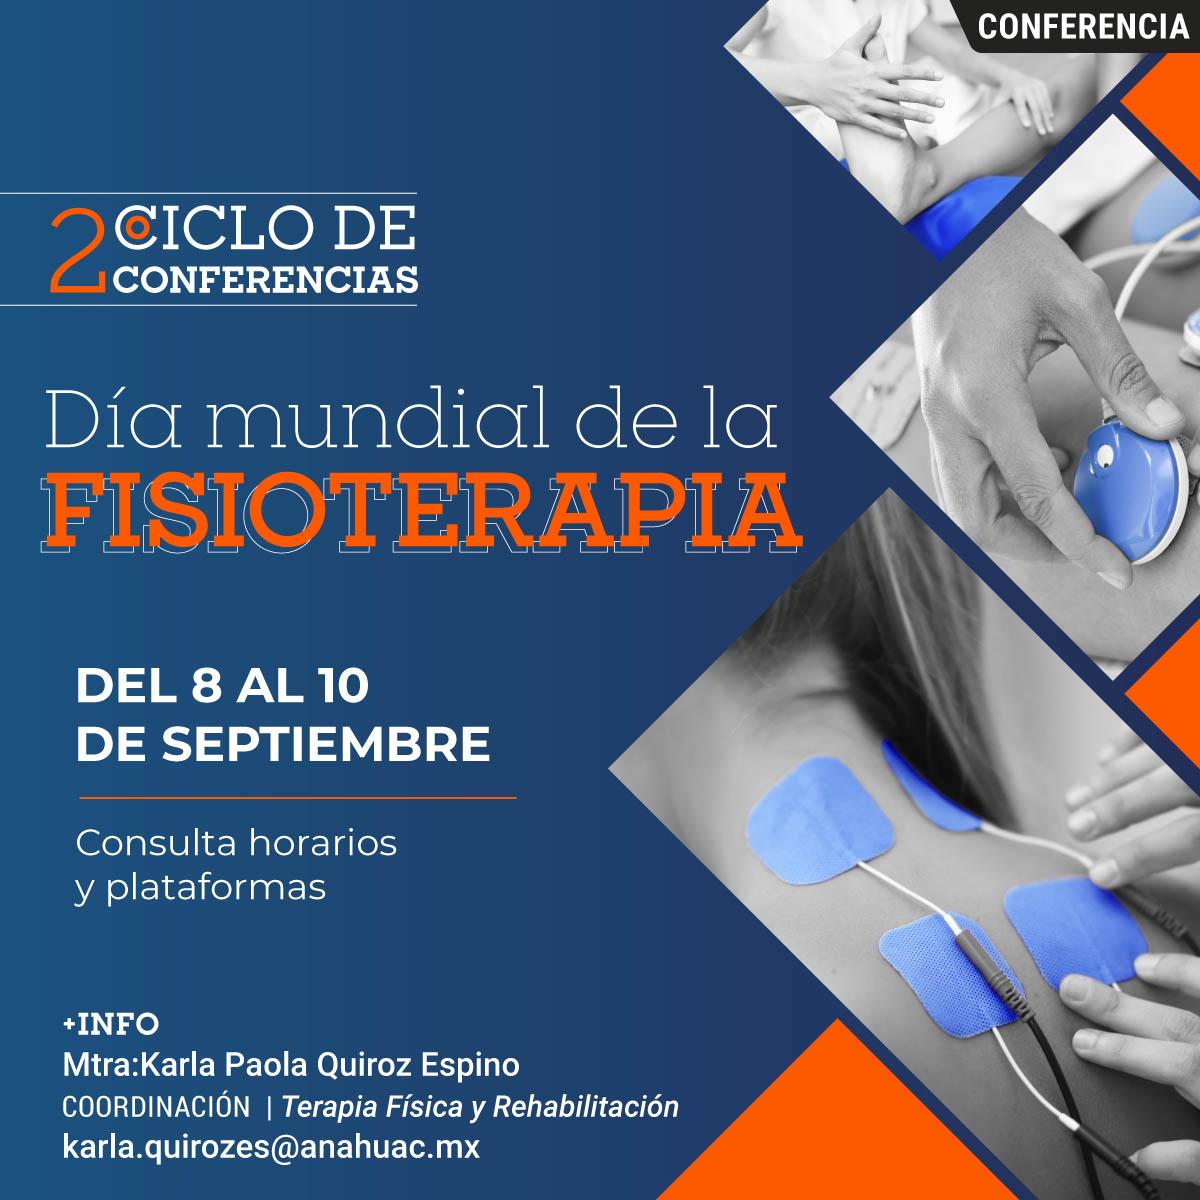 2° Ciclo de Conferencias Día Mundial de la Fisioterapia